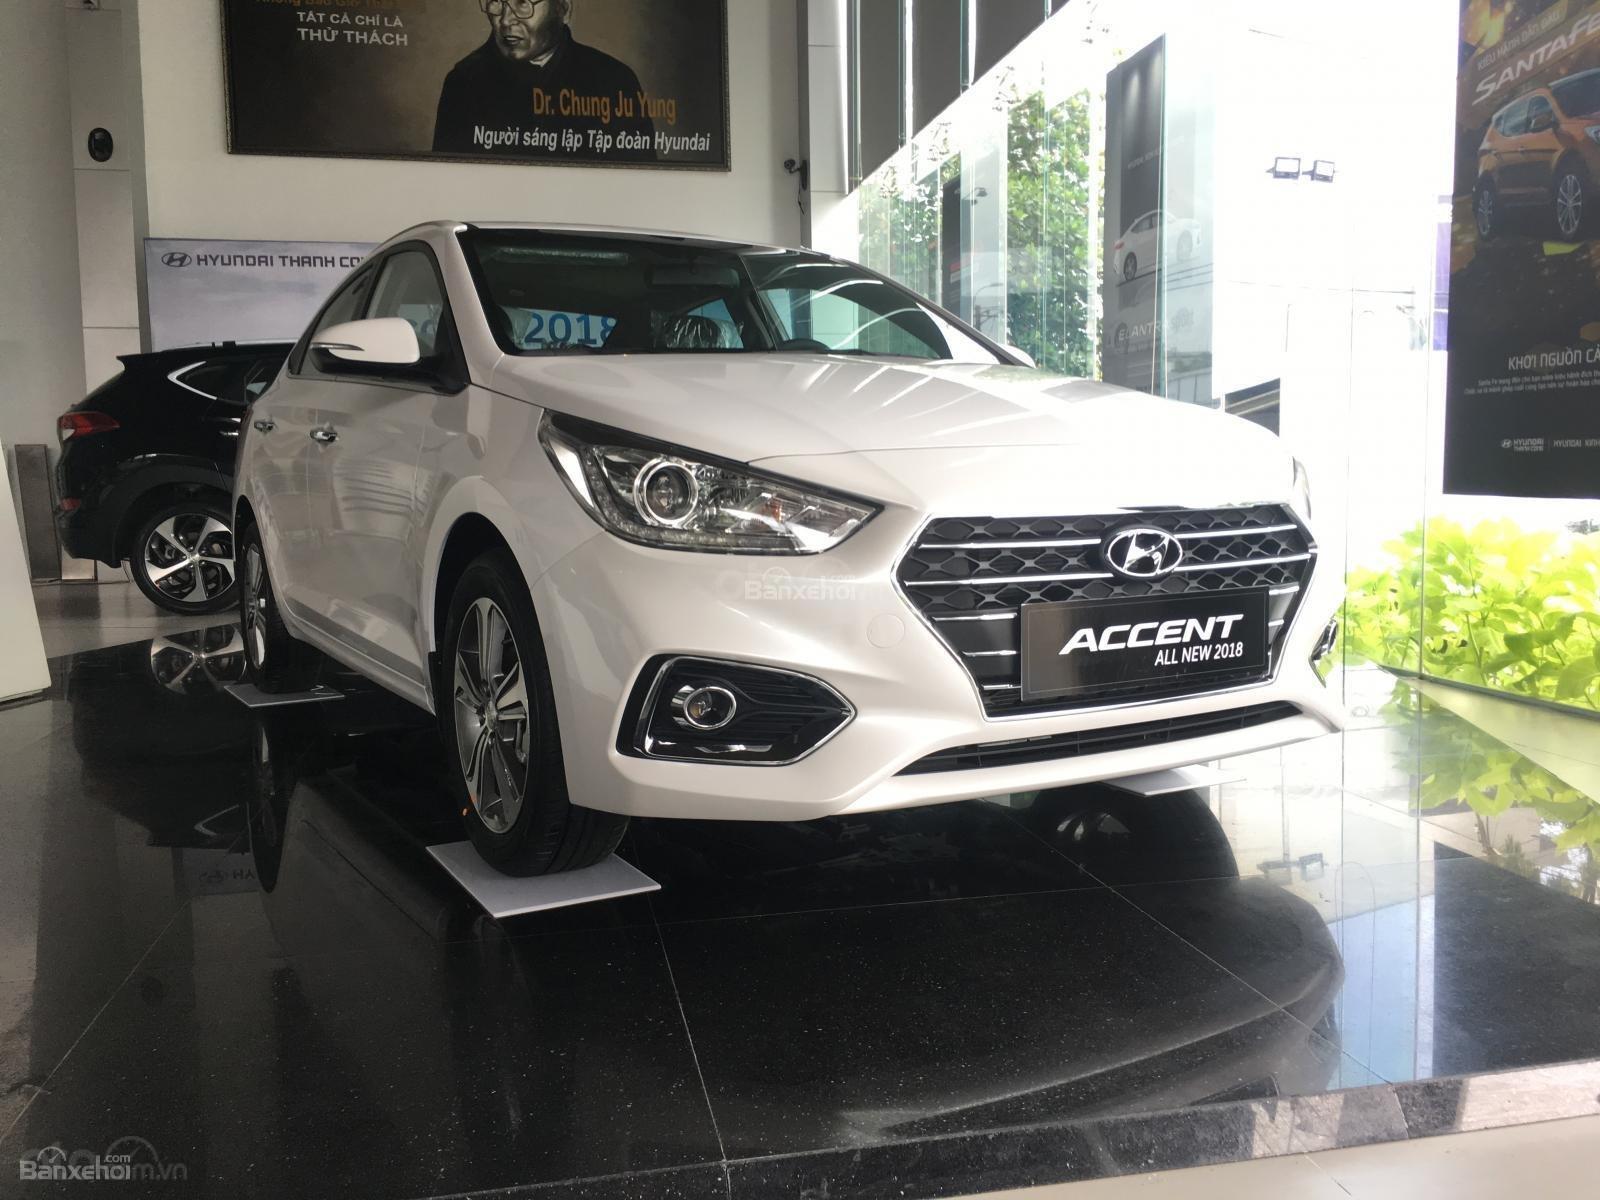 Hyundai Accent 2019 (đủ màu) SX 2019 giá 429tr. Hỗ trợ vào HTX có phù hiệu trong ngày - Vui lòng LH 0778078878 (1)